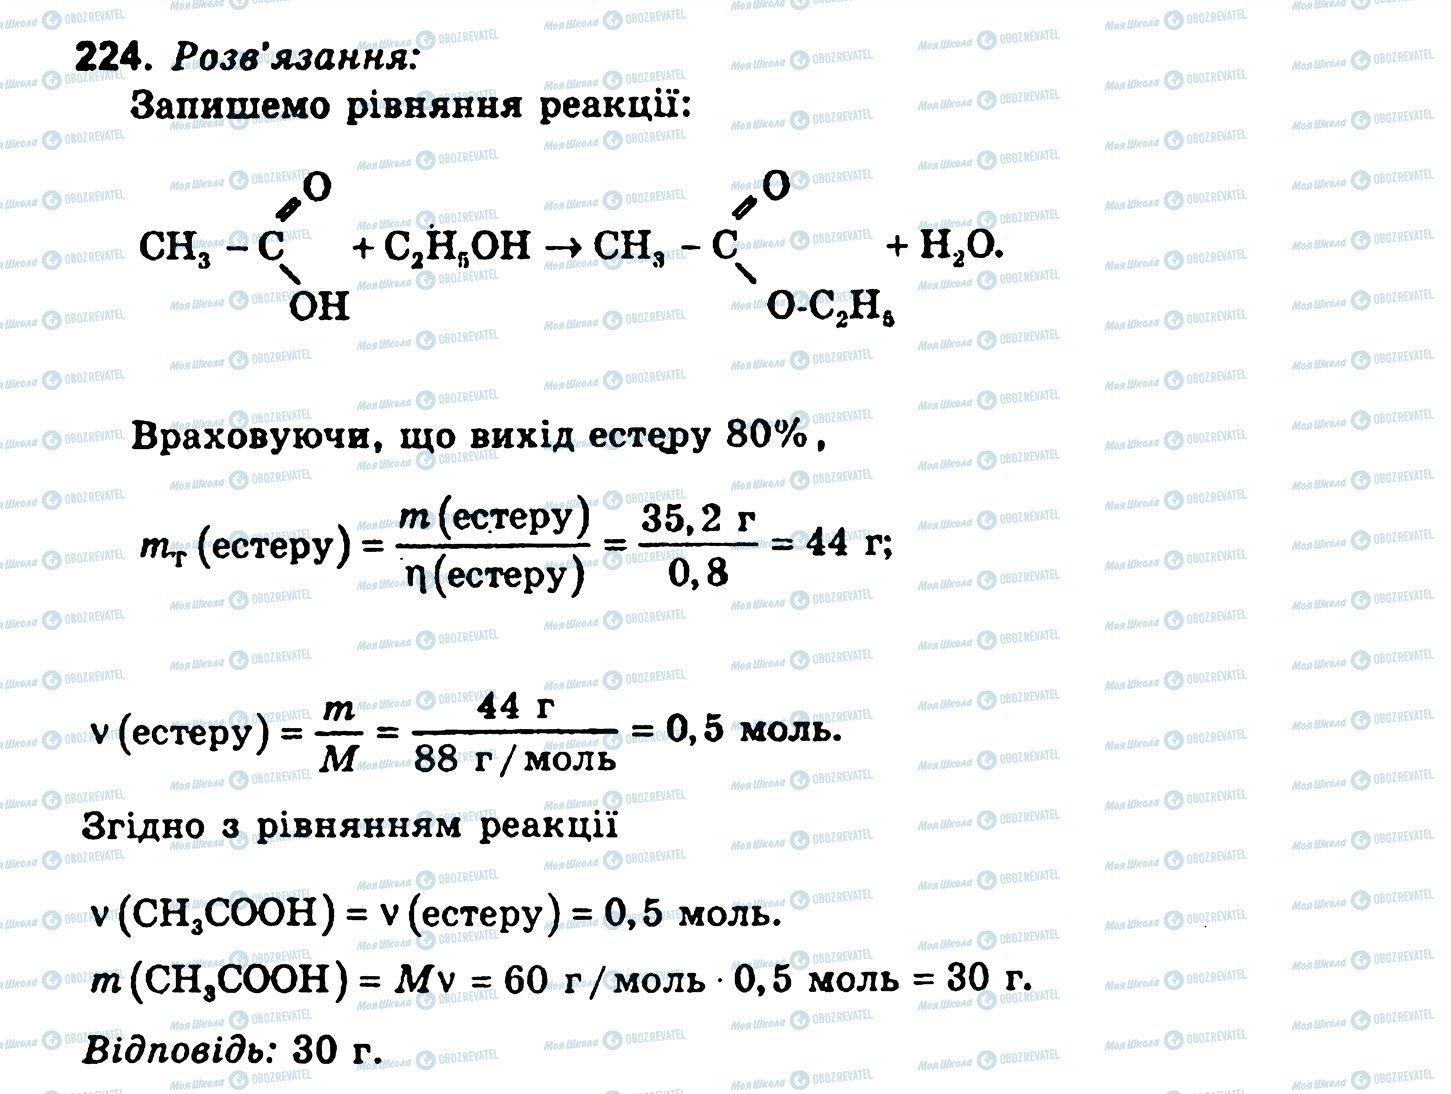 ГДЗ Хімія 11 клас сторінка 224